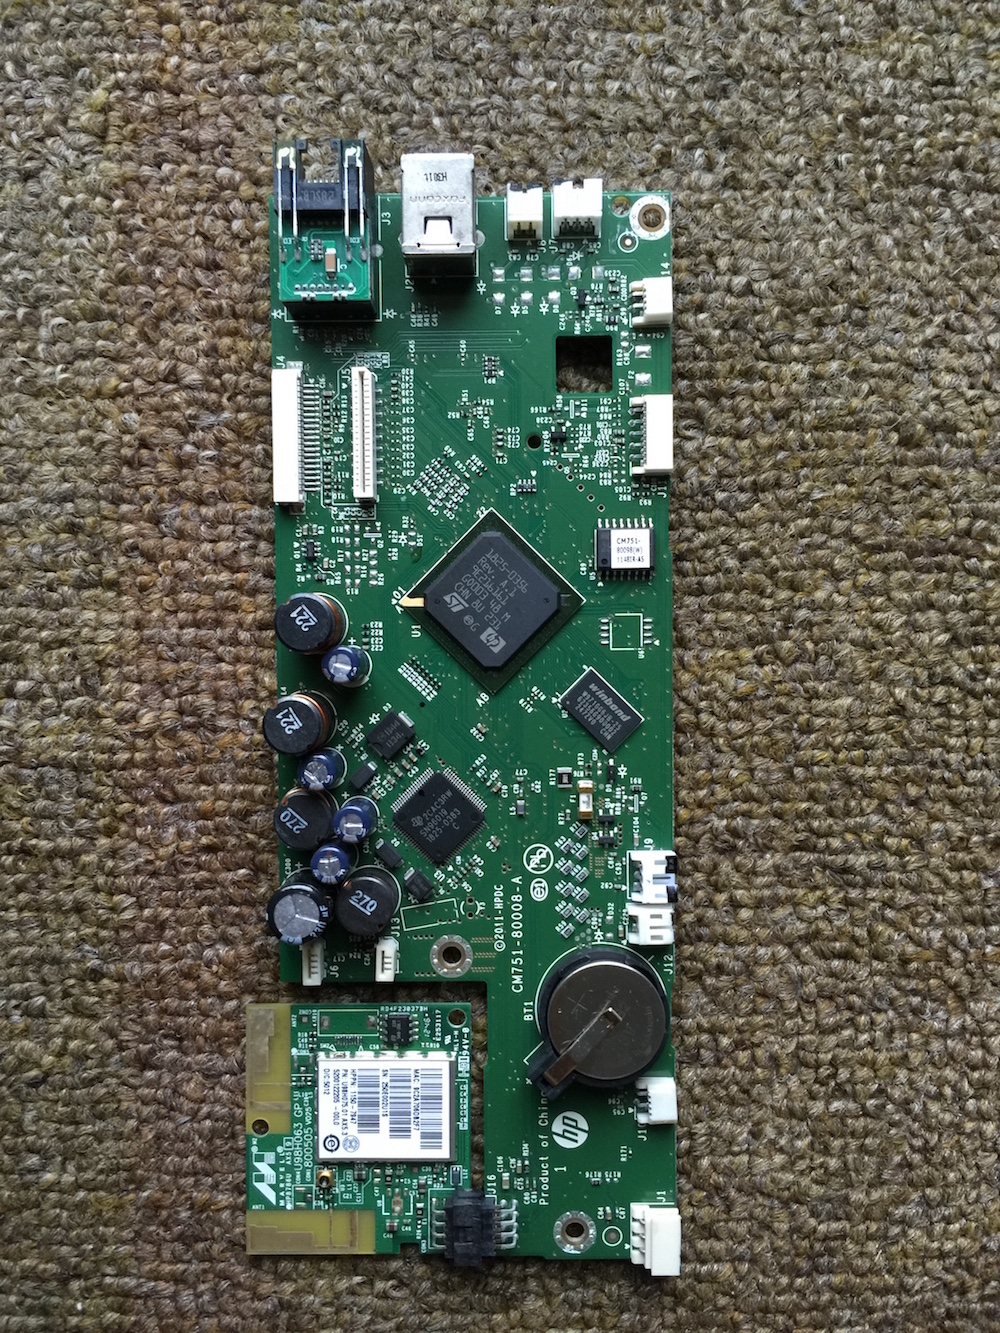 HP OFFICEJET PRO 8600 CM749-60001 MAIN LOGIC CONTROL BOARD W//WIFI BOARD USB NET